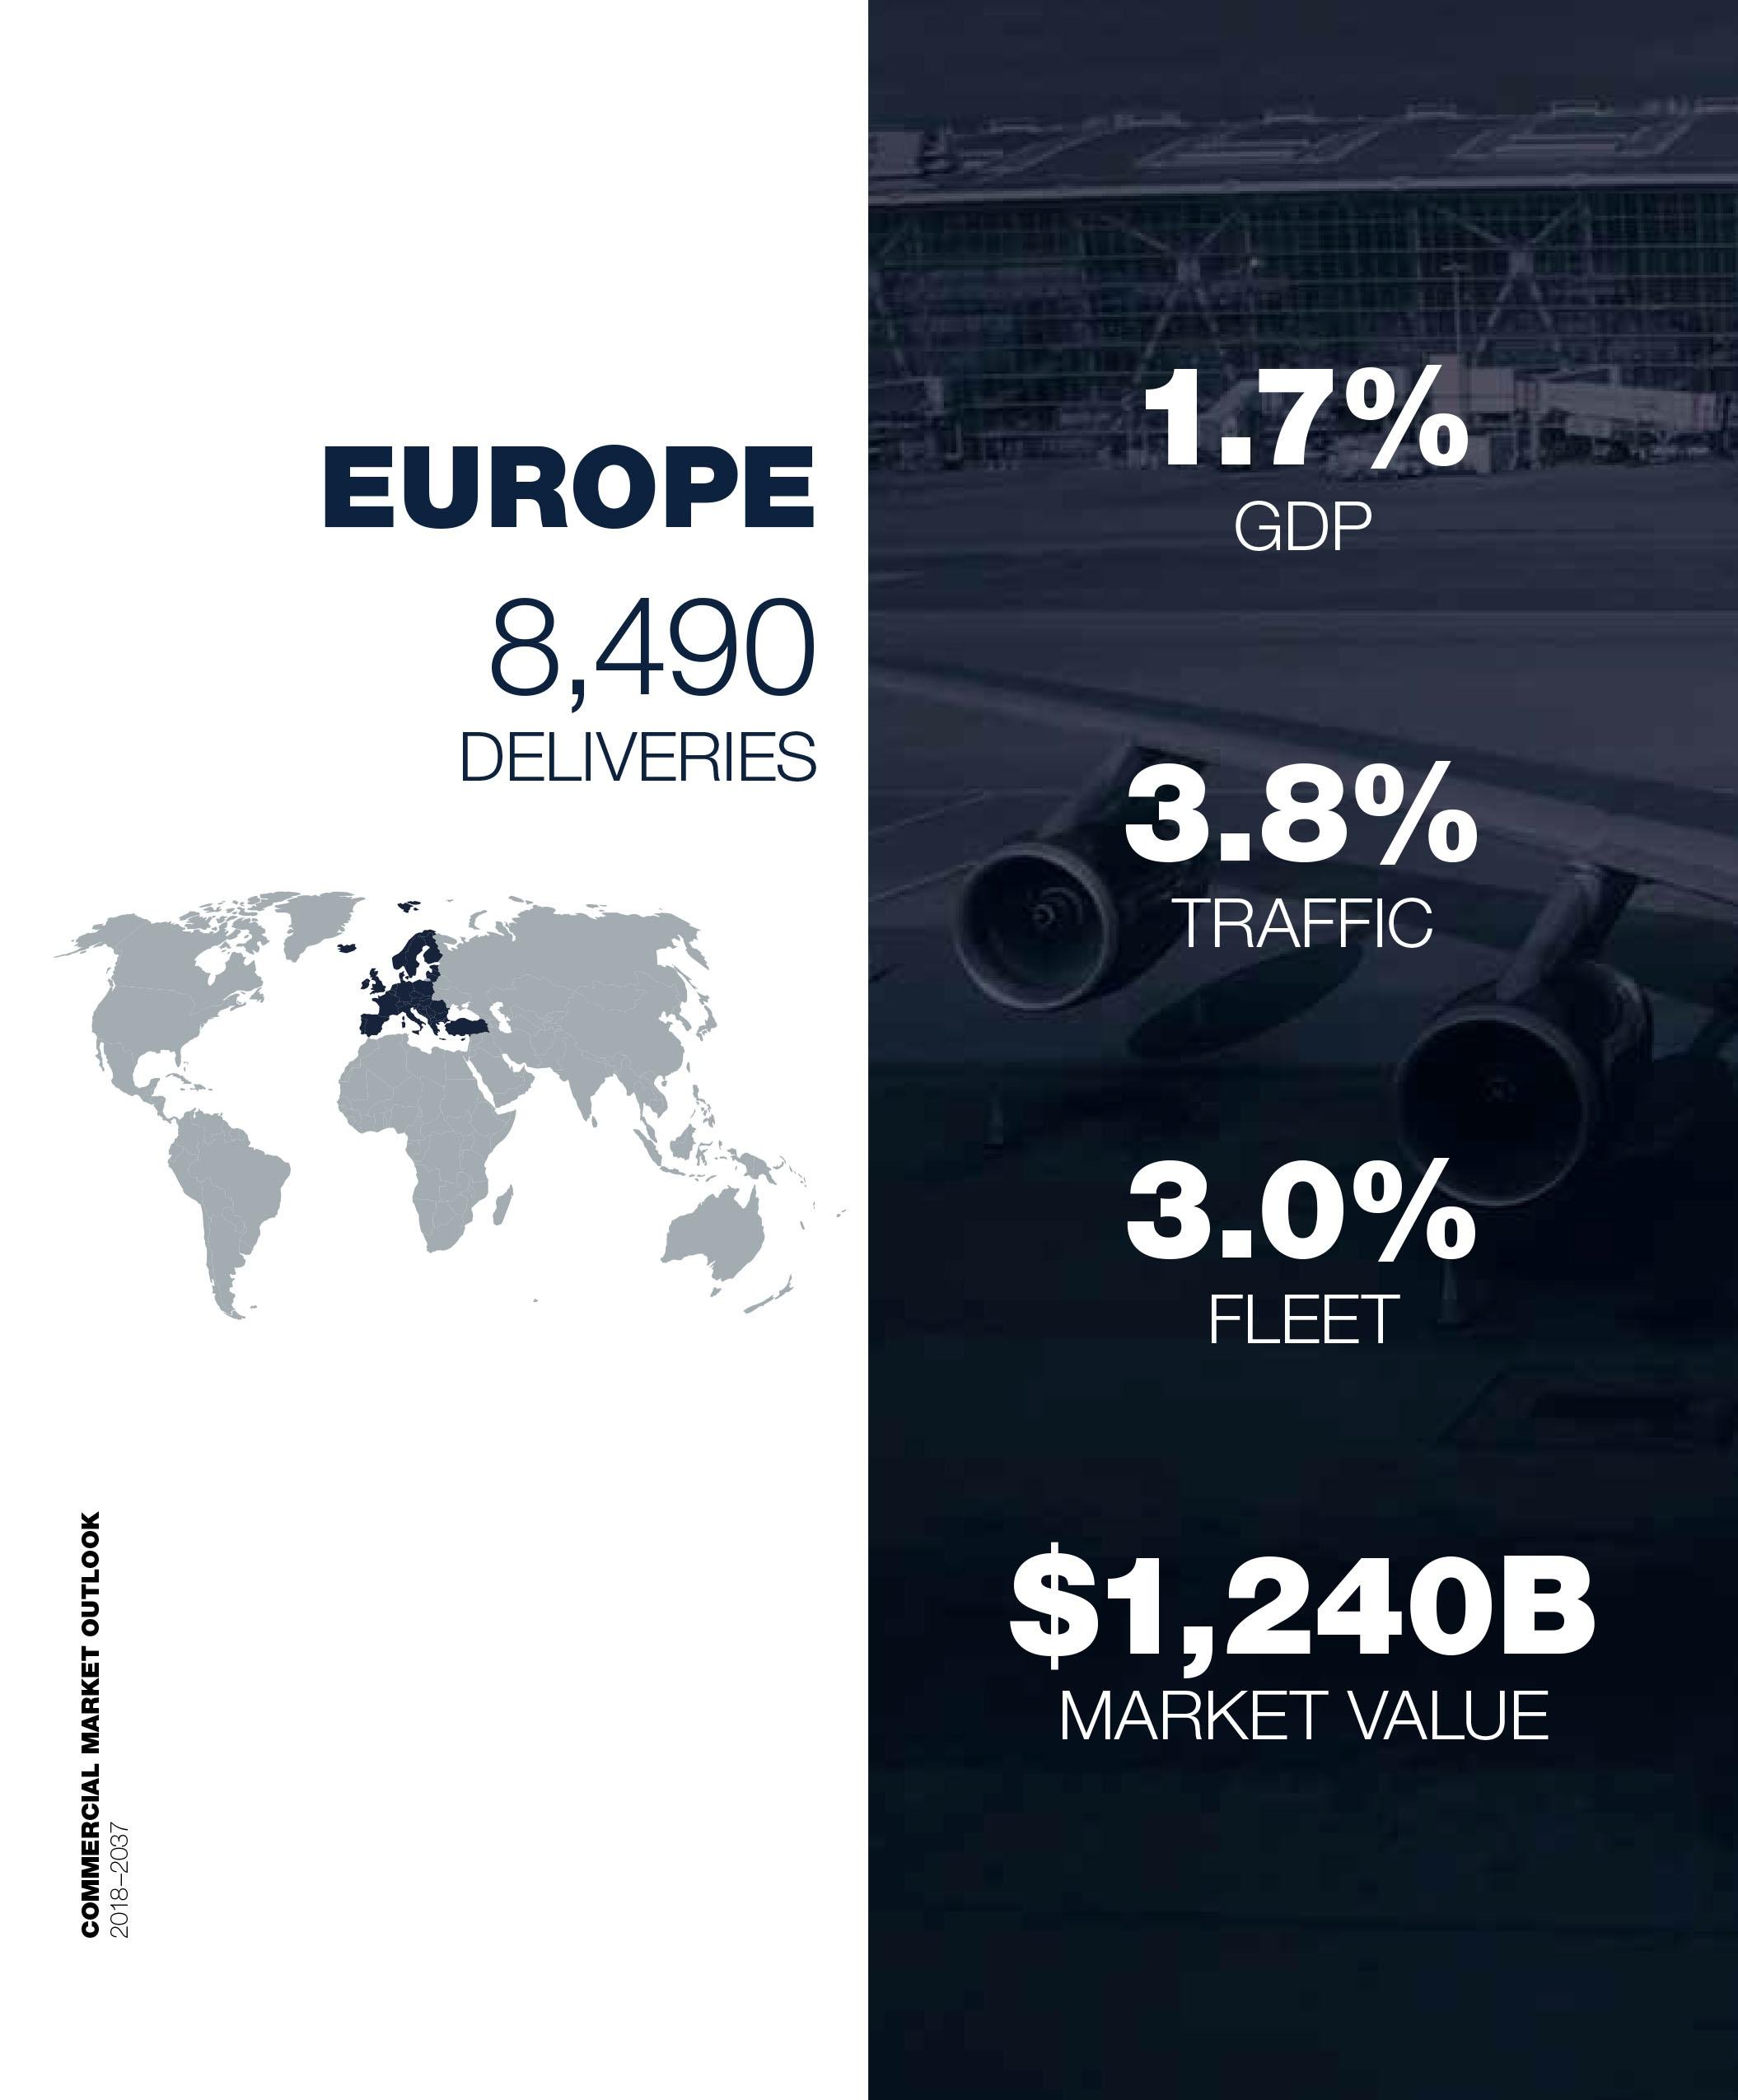 Boeing-market-foarecast-2018-Europe